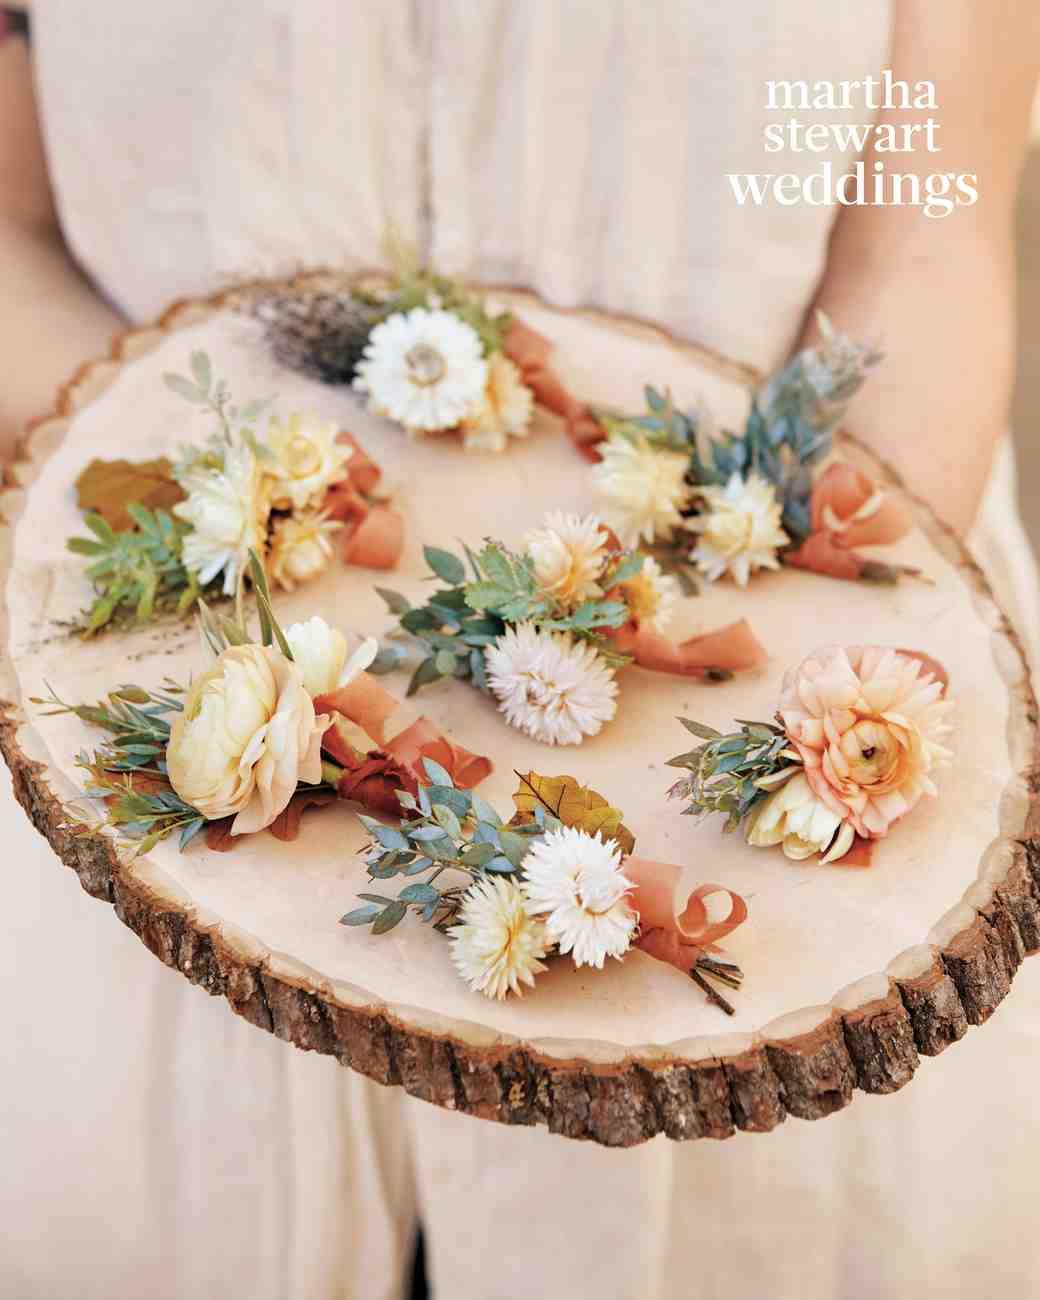 jamie-bryan-wedding-15-boutonnieres-0928-d112664.jpg